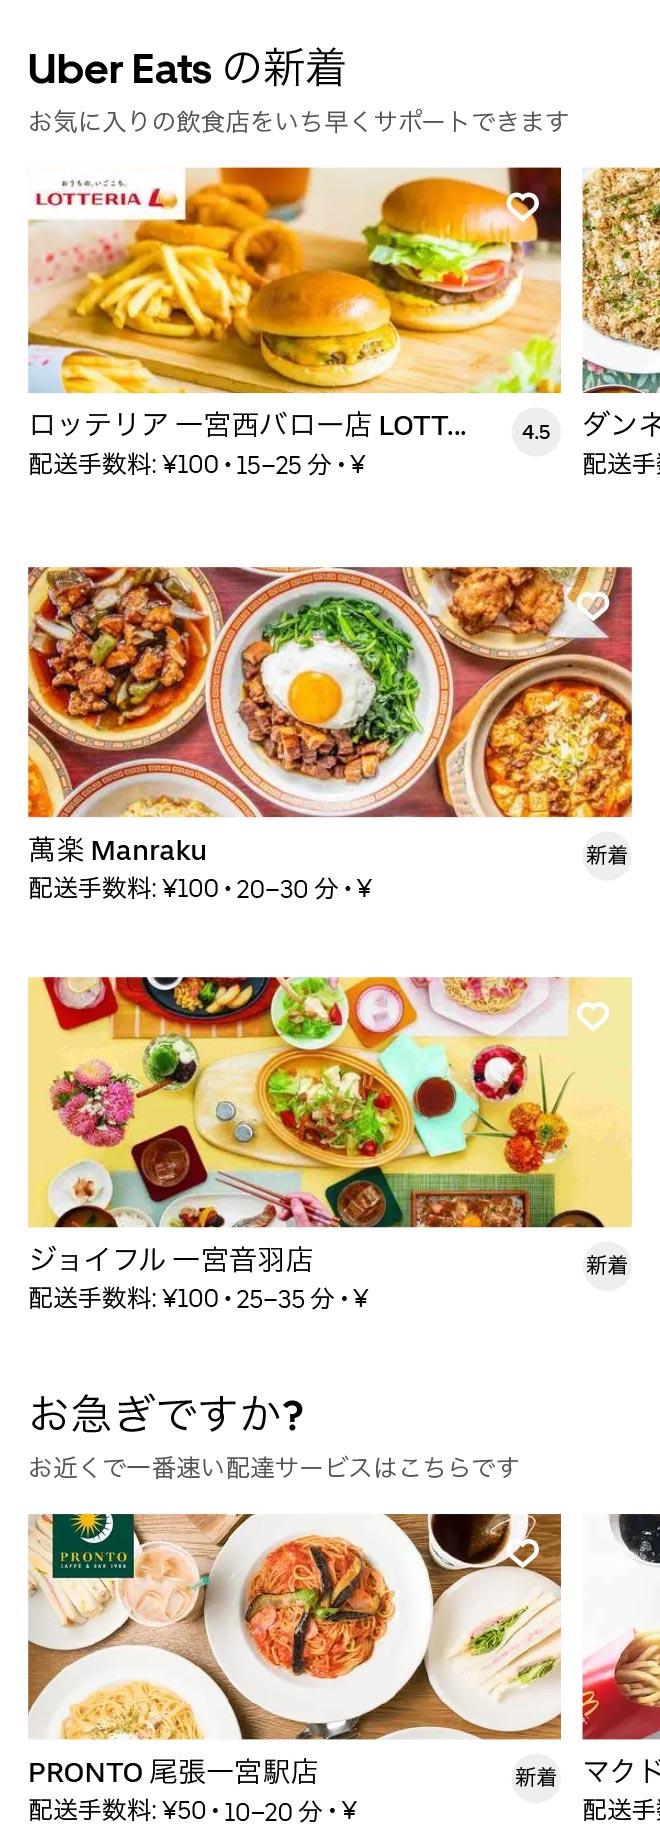 Ichinomiya menu 2010 02